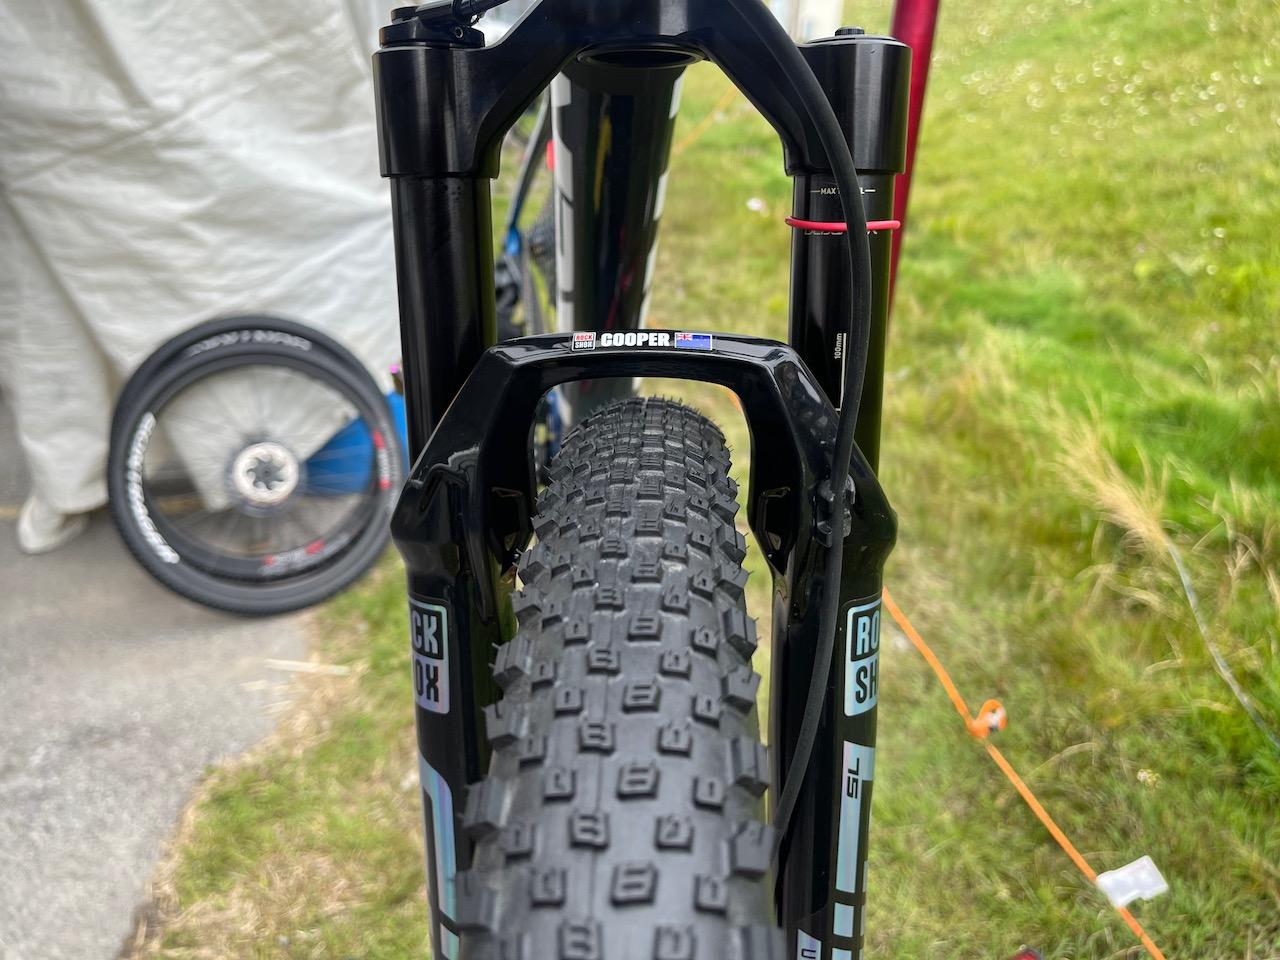 Anton Cooper Trek Supercaliber Full tire choices